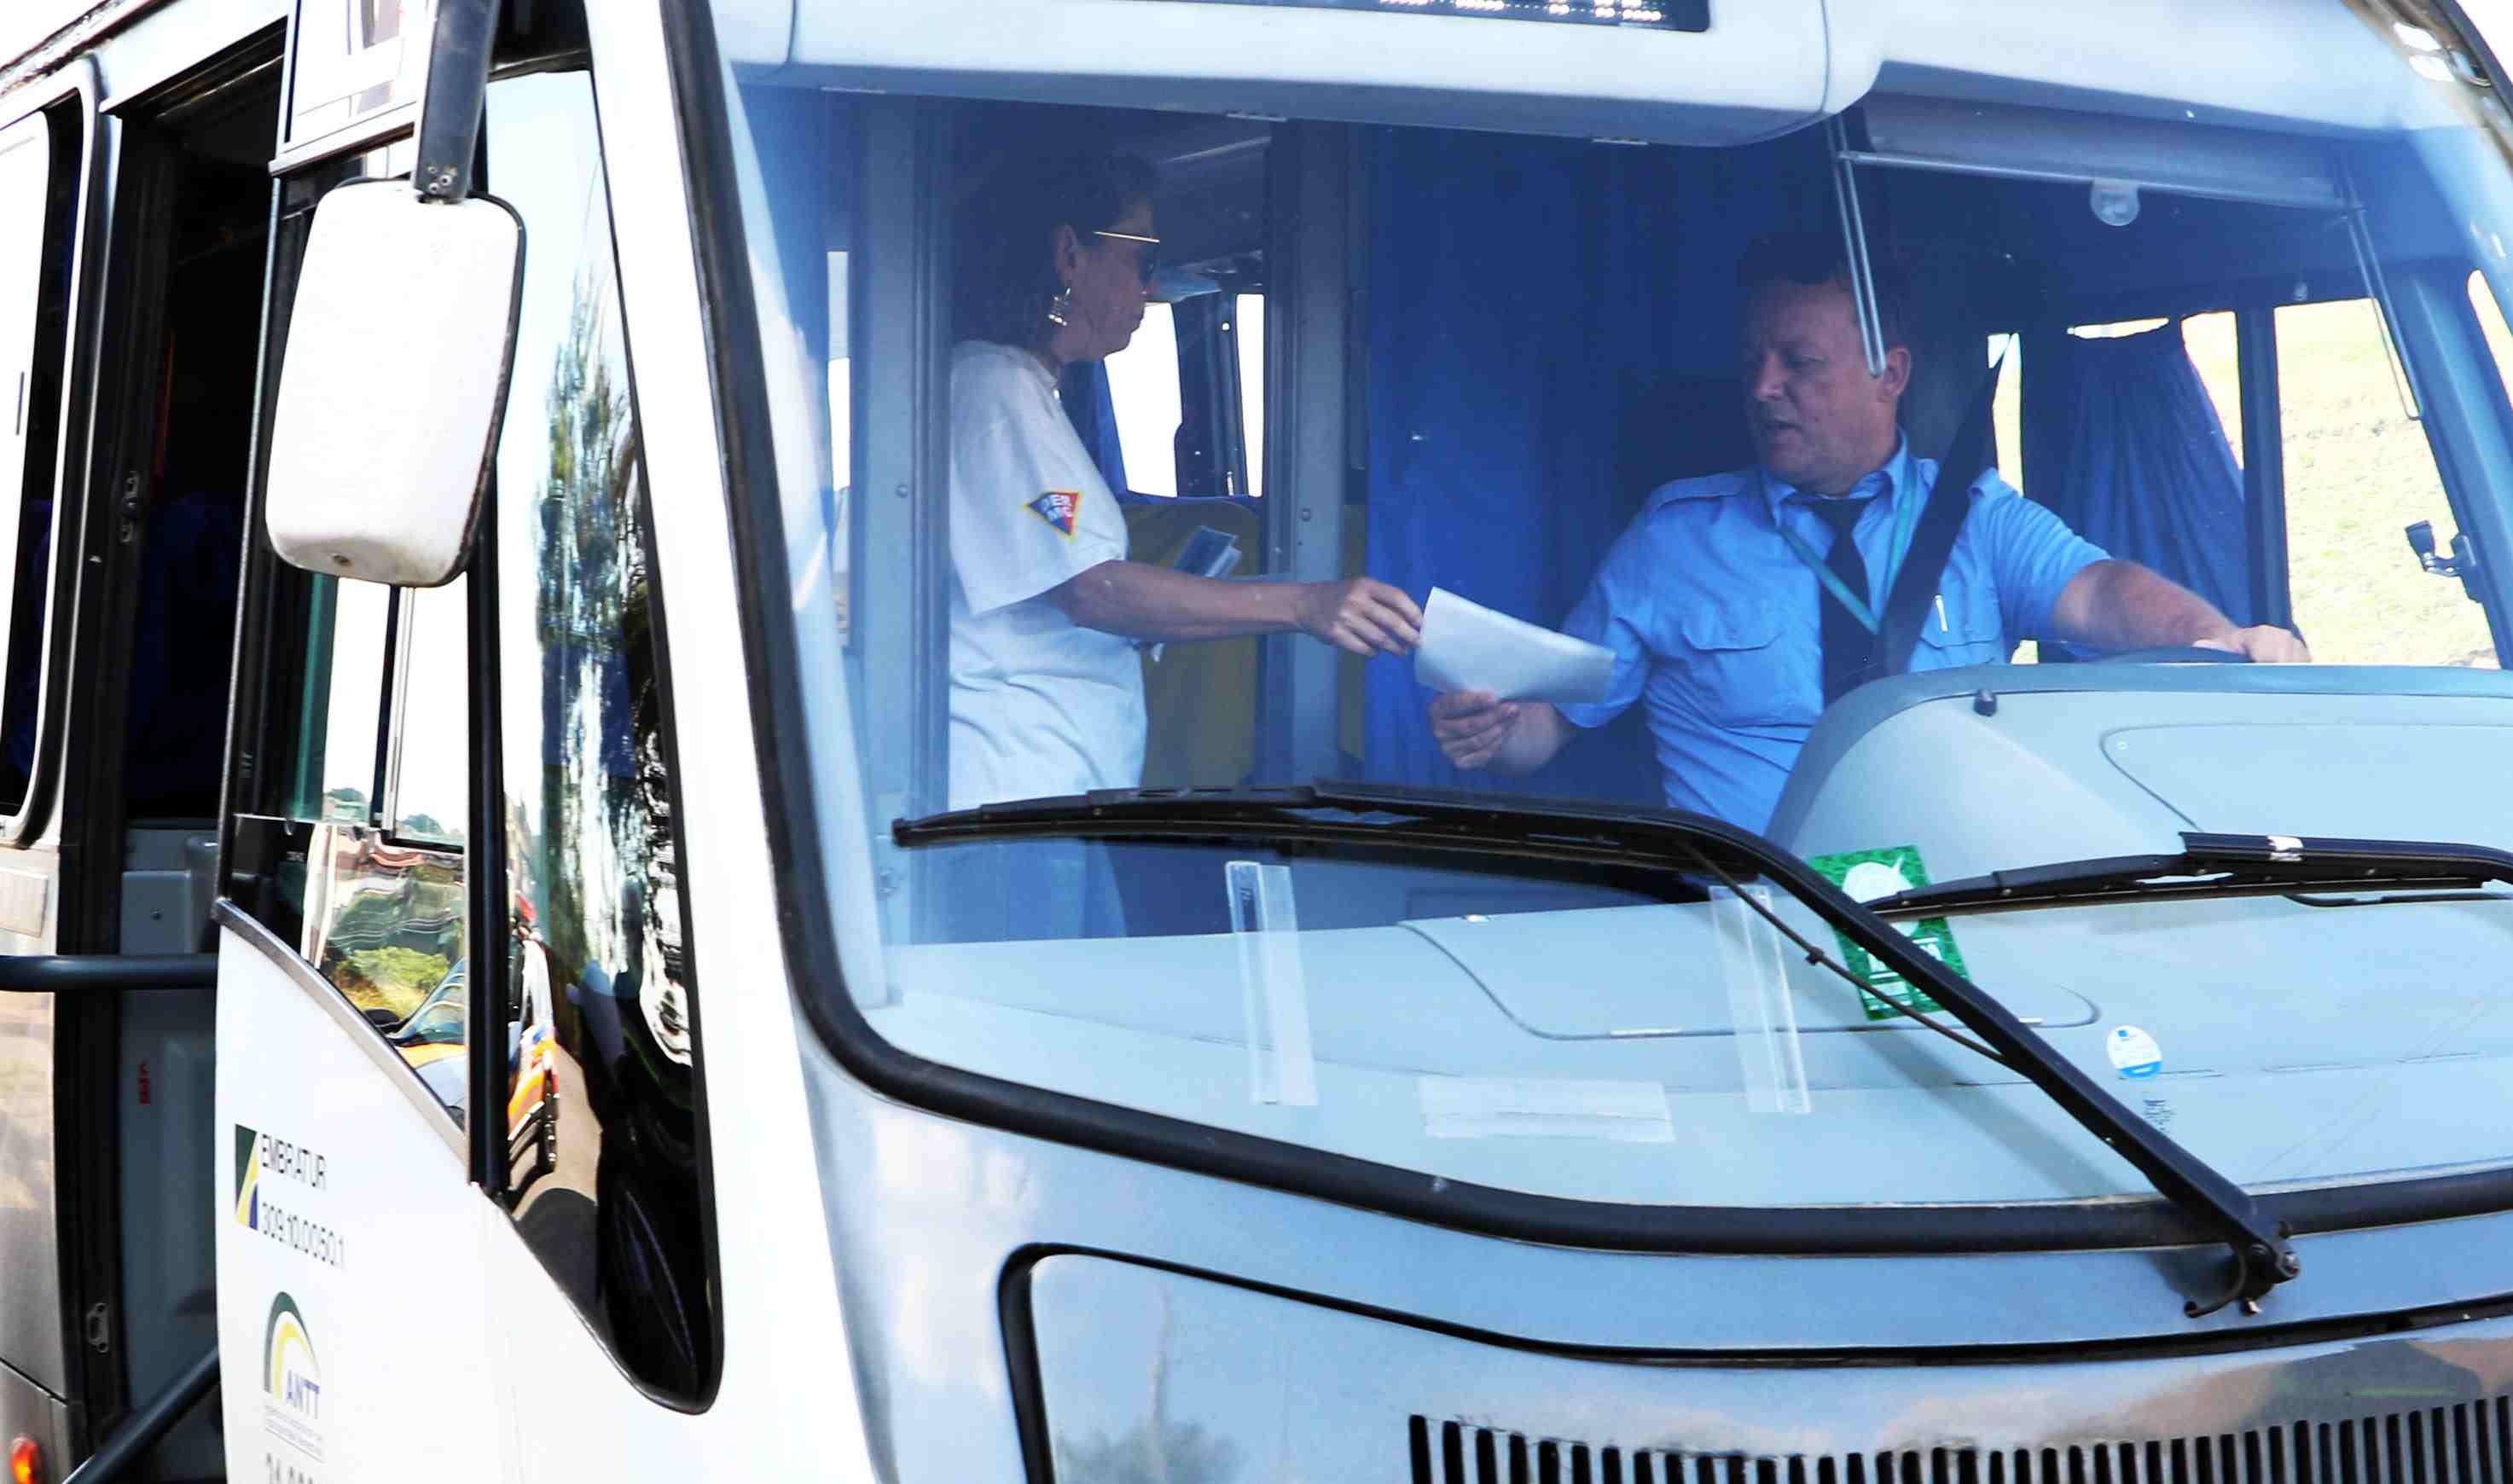 Grupo discutirá legislação acerca do transporte fretado de passageiros em Minas Gerais